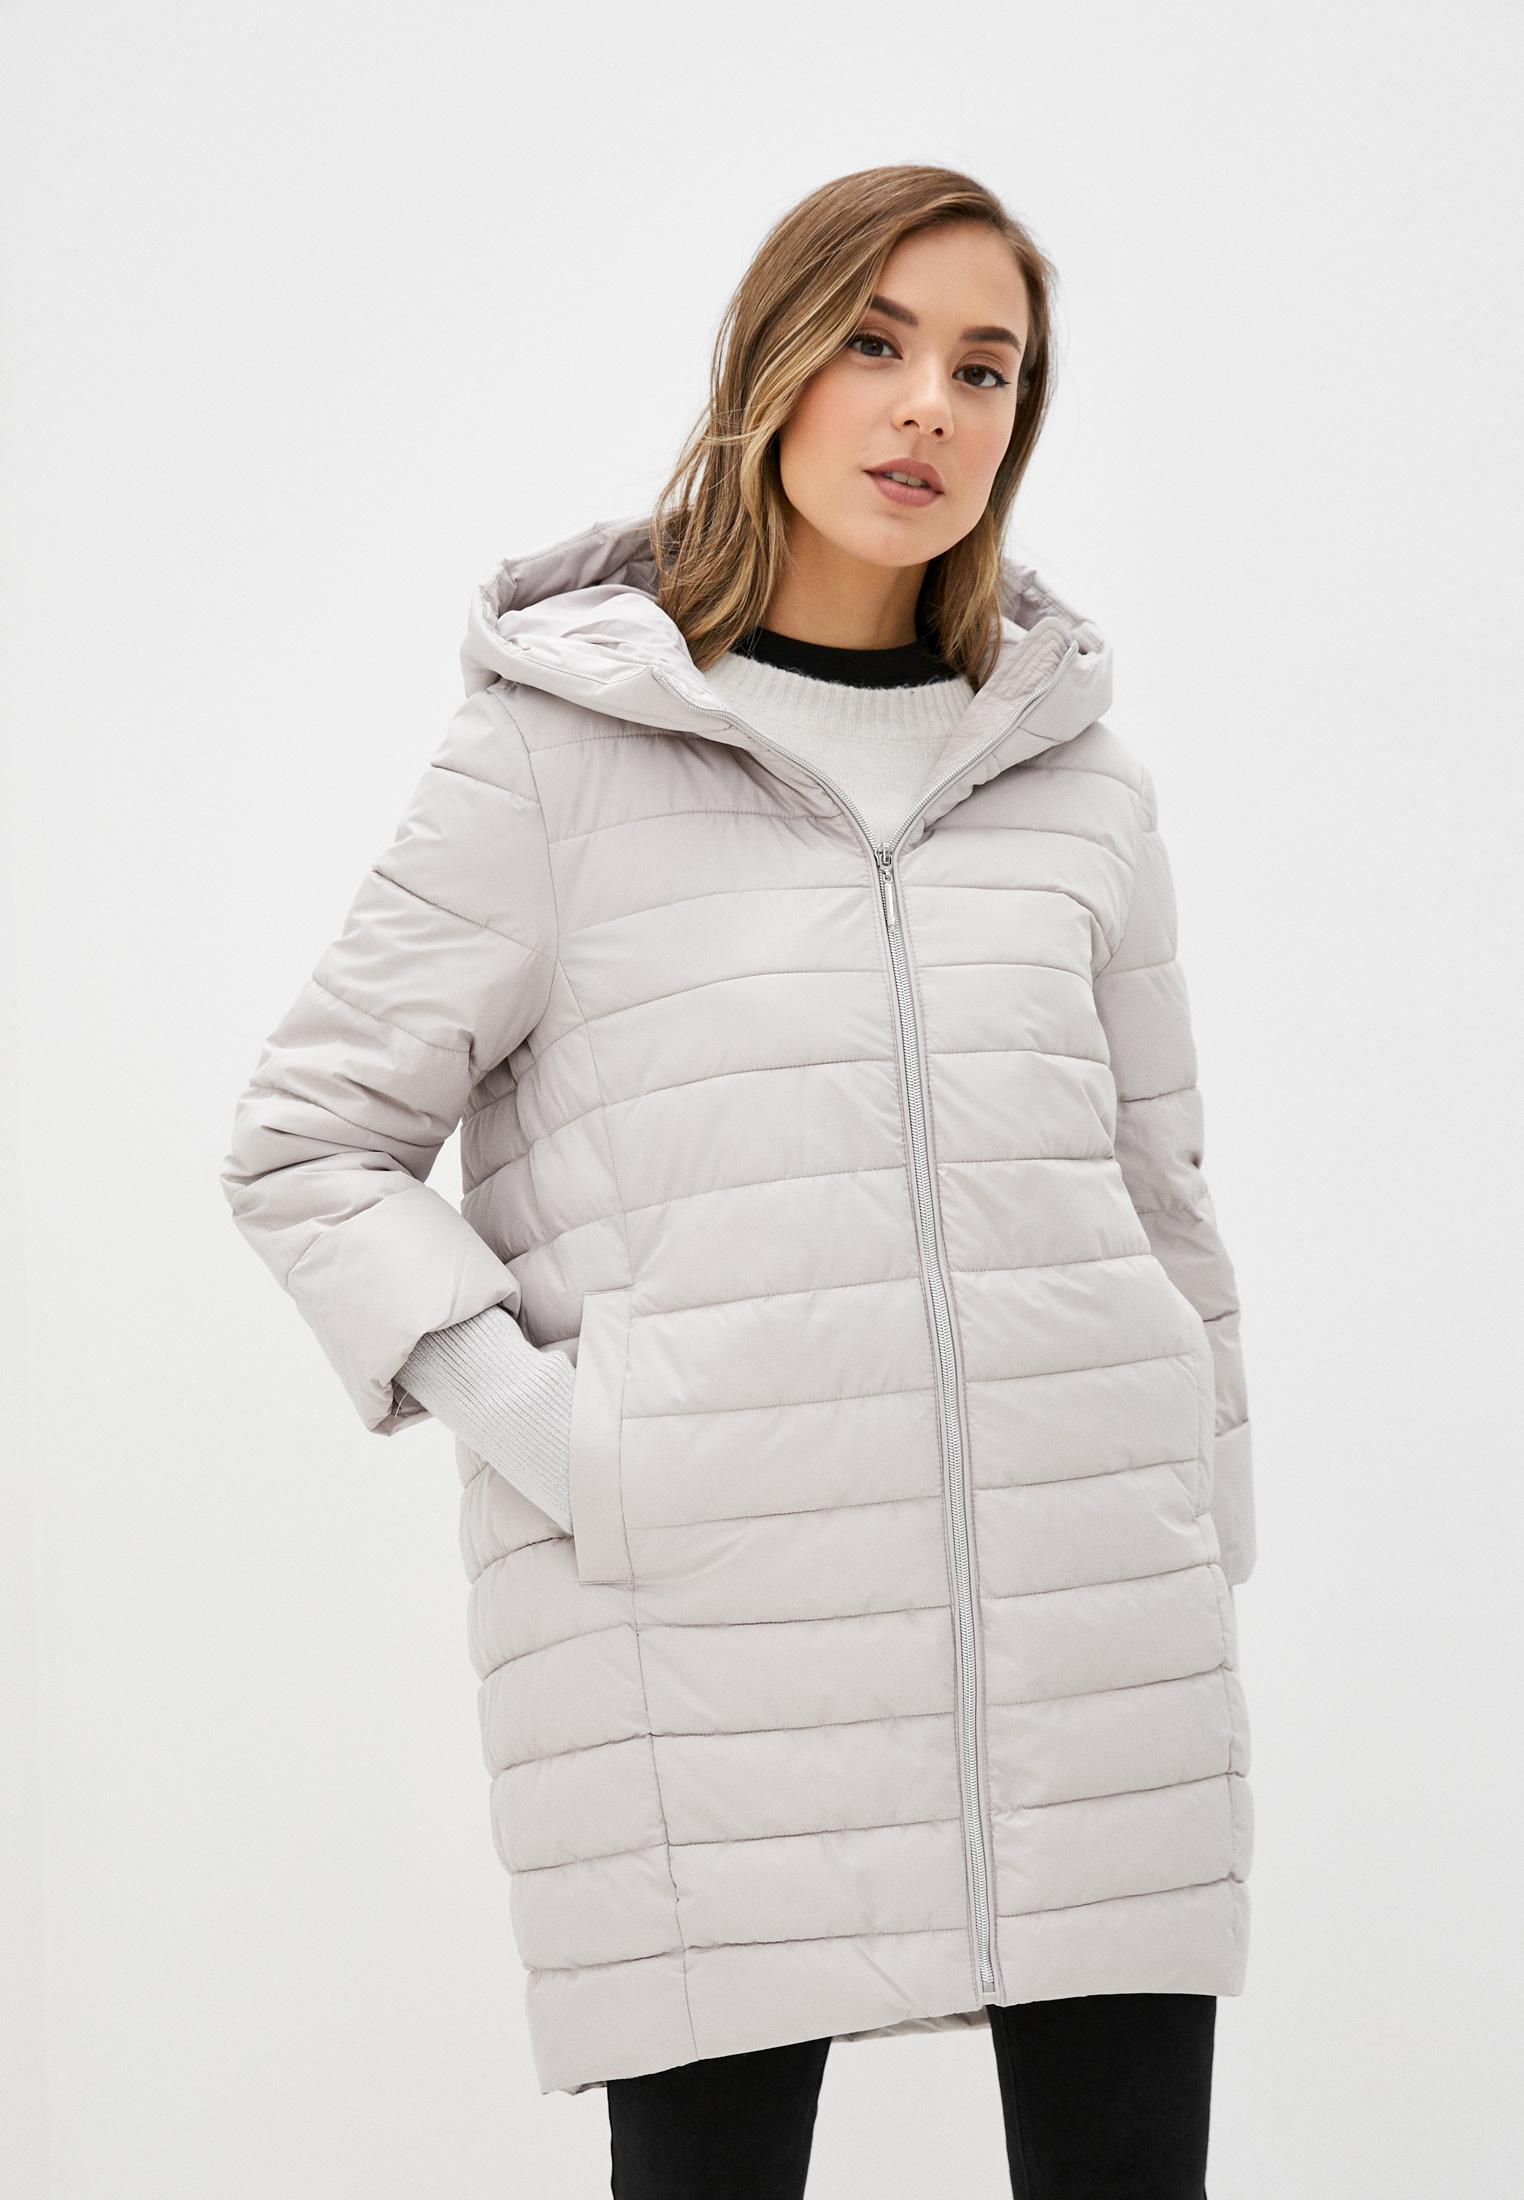 Куртка утепленная Zolla купить за 3 499 ₽ в интернет-магазине Lamoda.ru